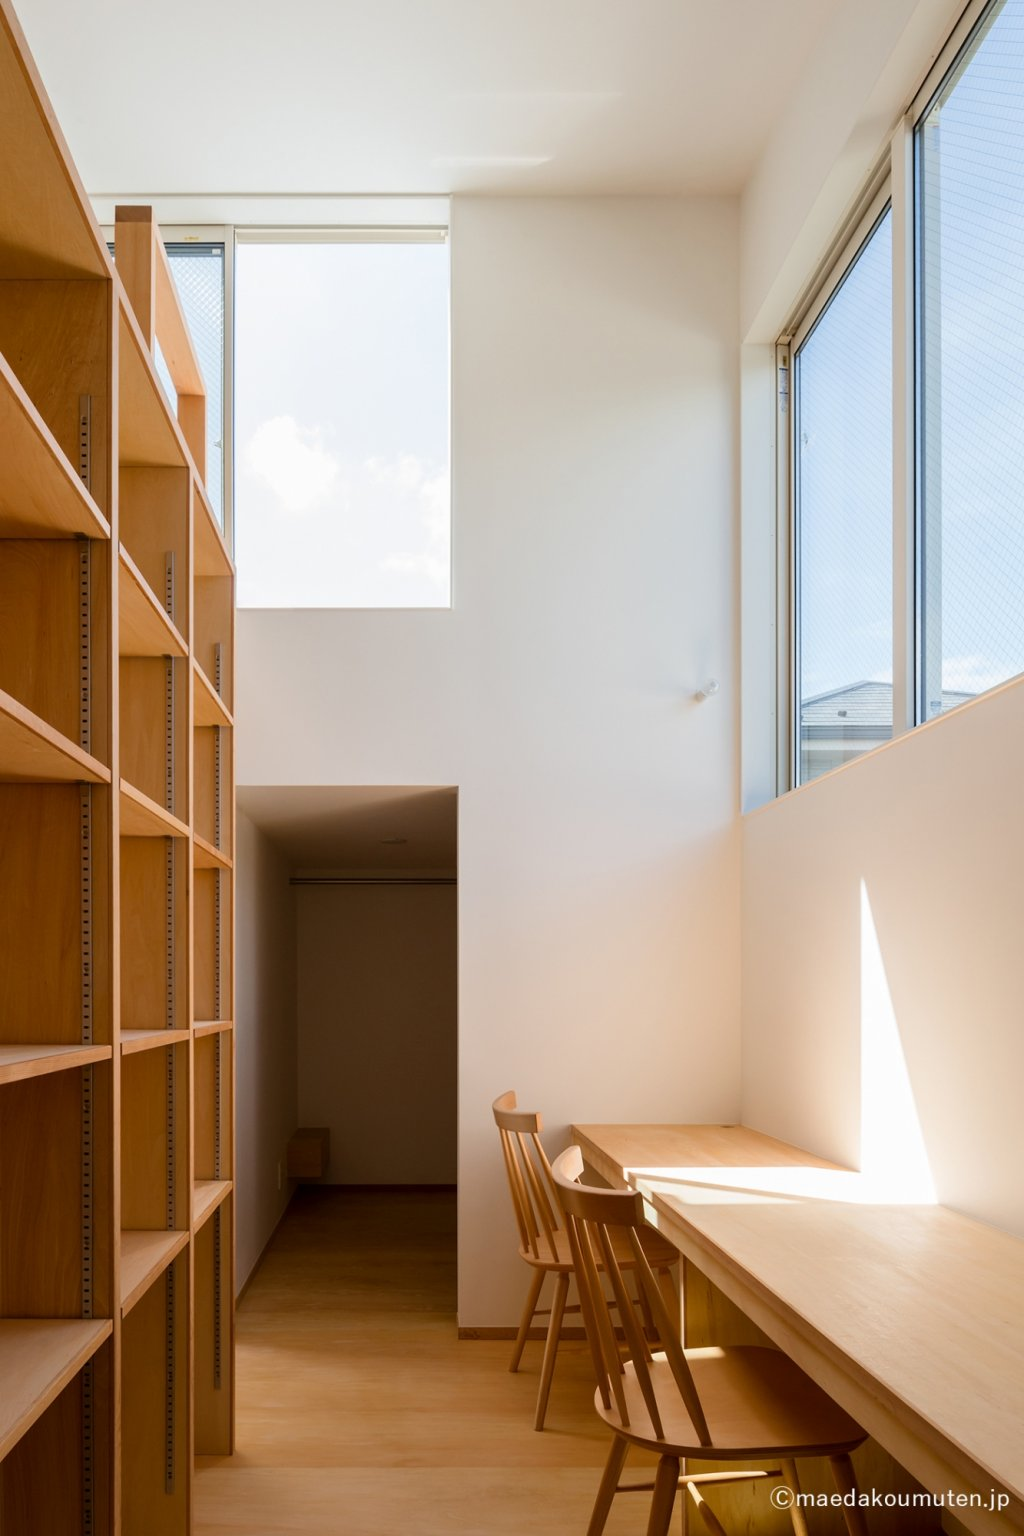 神奈川、工務店、注文住宅、デザイン住宅、建築家、座間の家、21